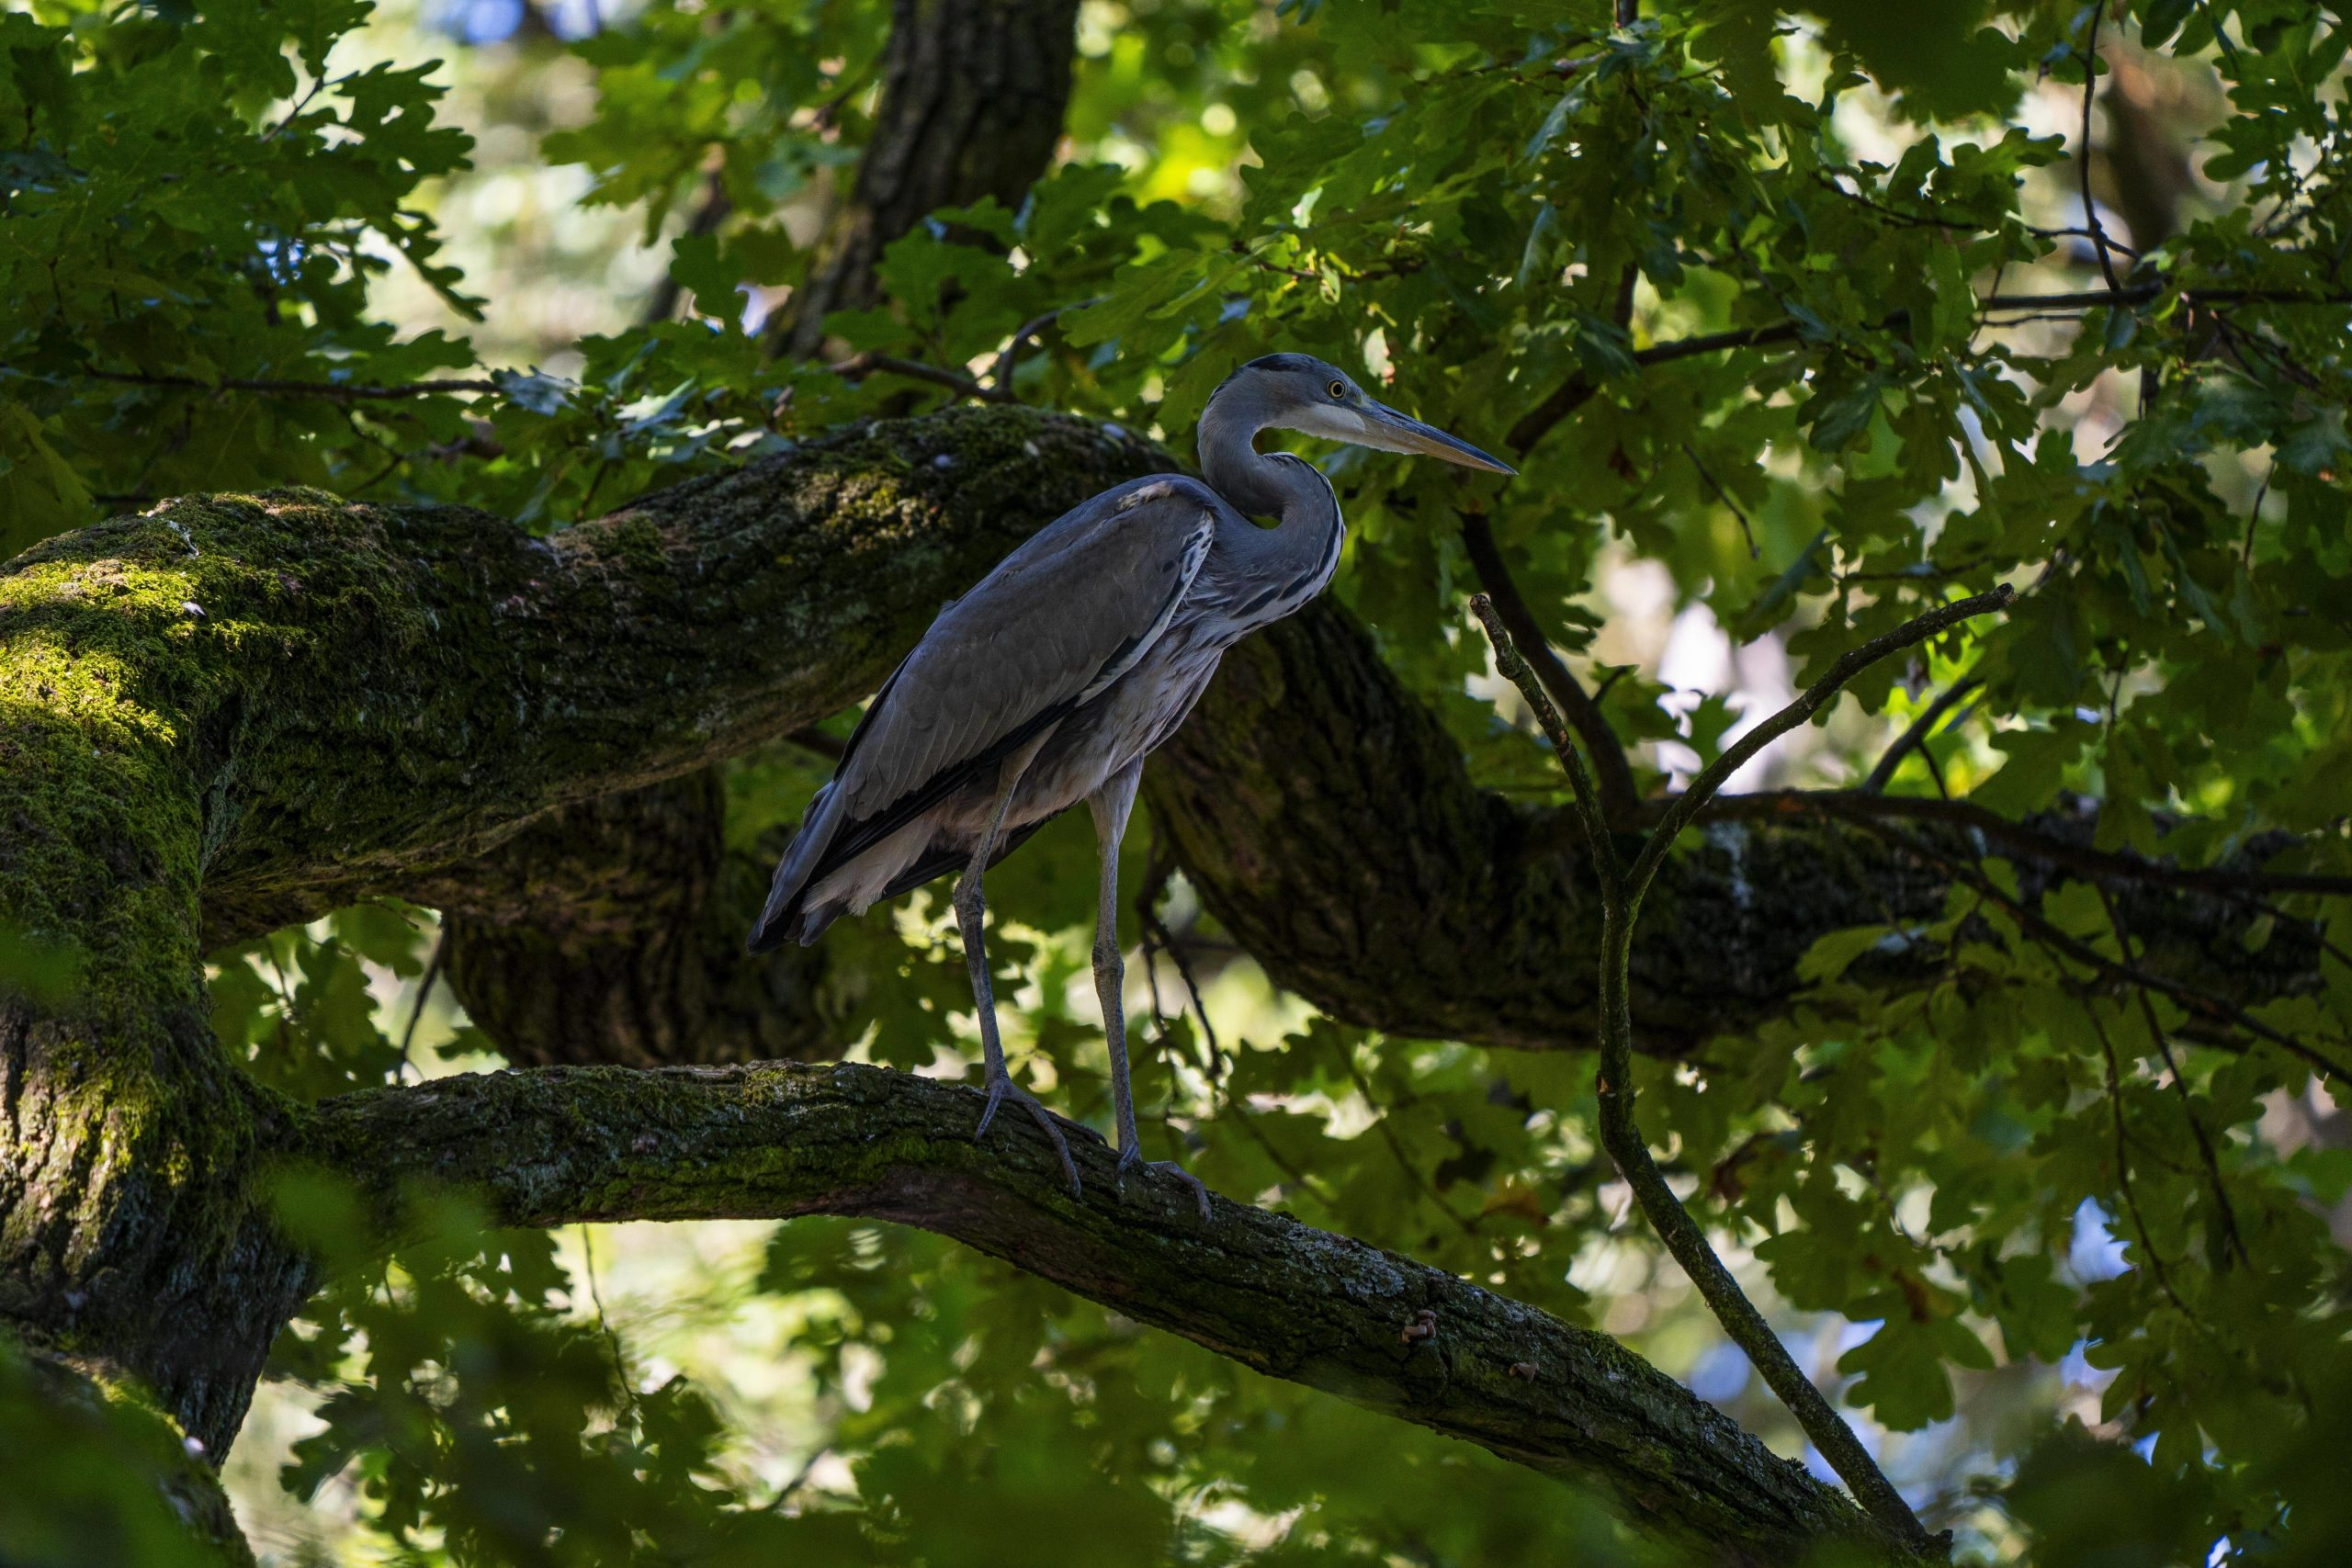 Tiere im Tiergarten? Na klar. Hier sieht man auch mal Graureiher in den Bäumen. Foto: Imago/Hohlfeld